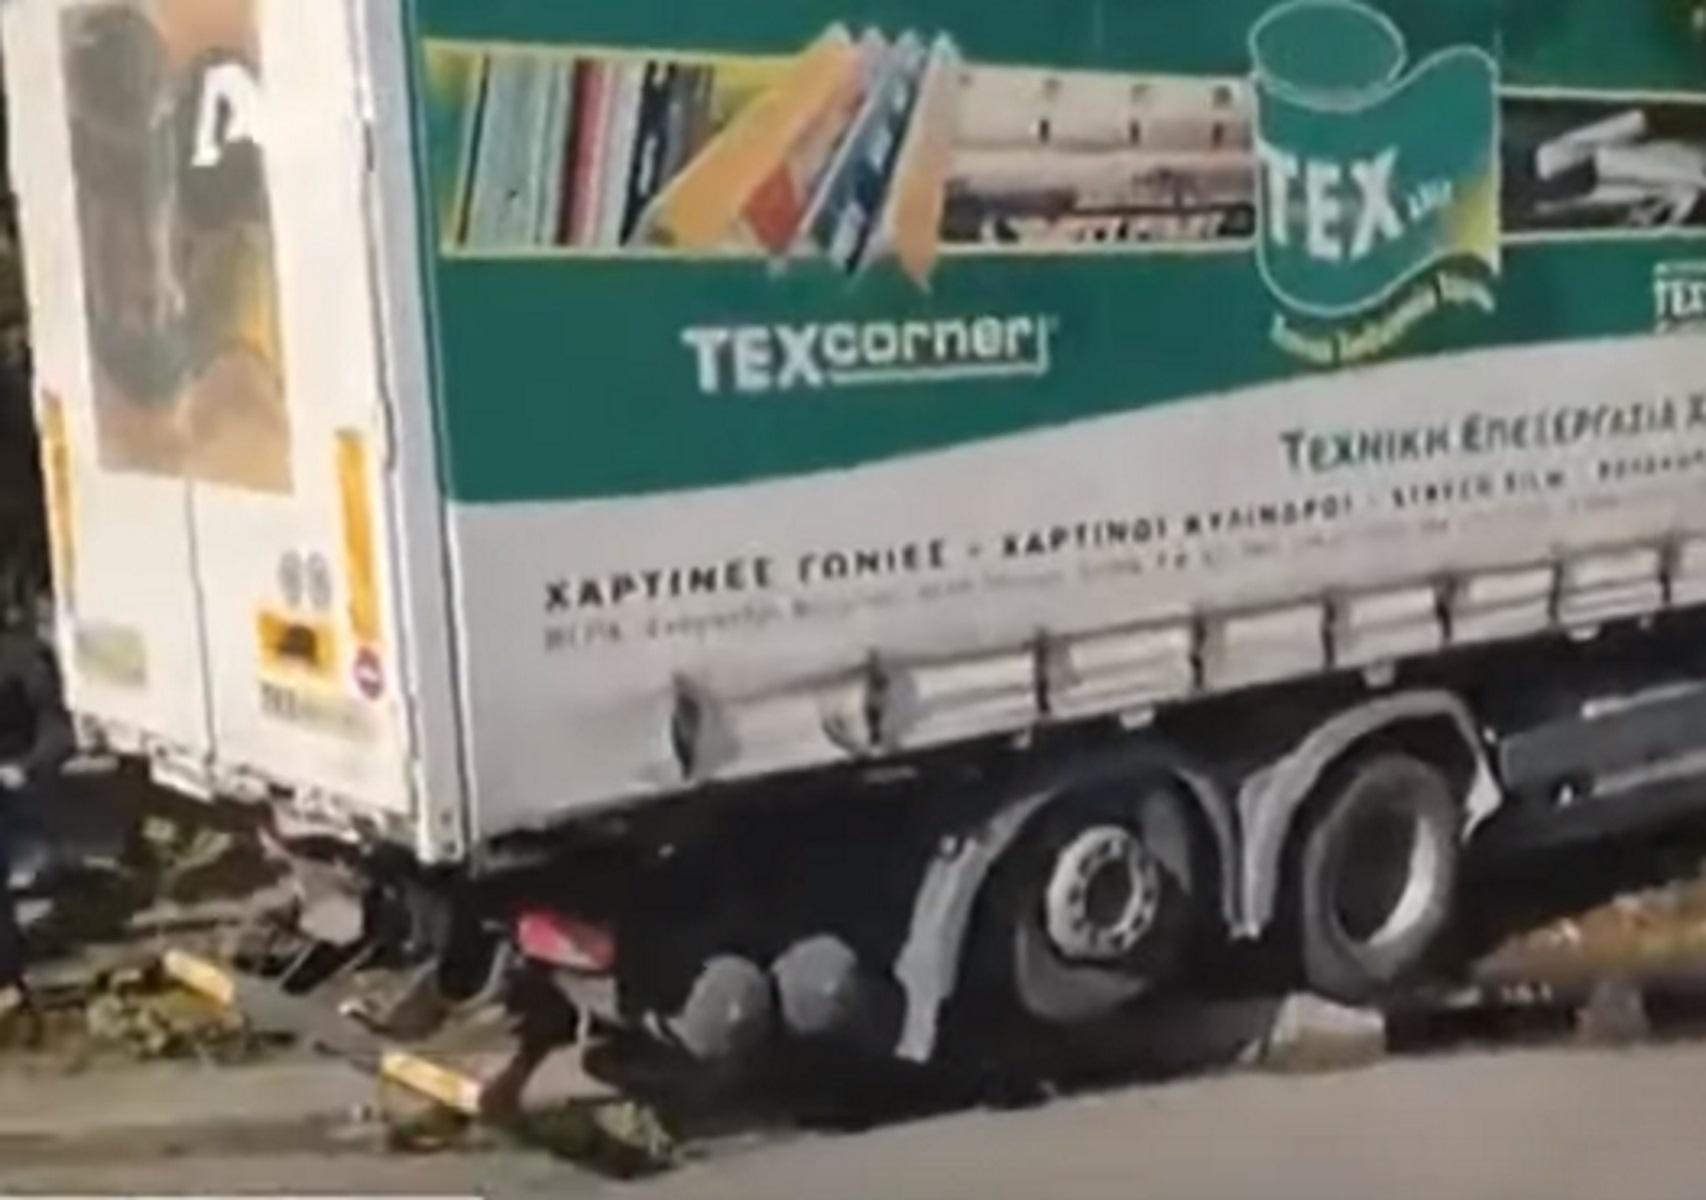 Ανατροπή φορτηγού στη λεωφόρο Κηφισού - Video